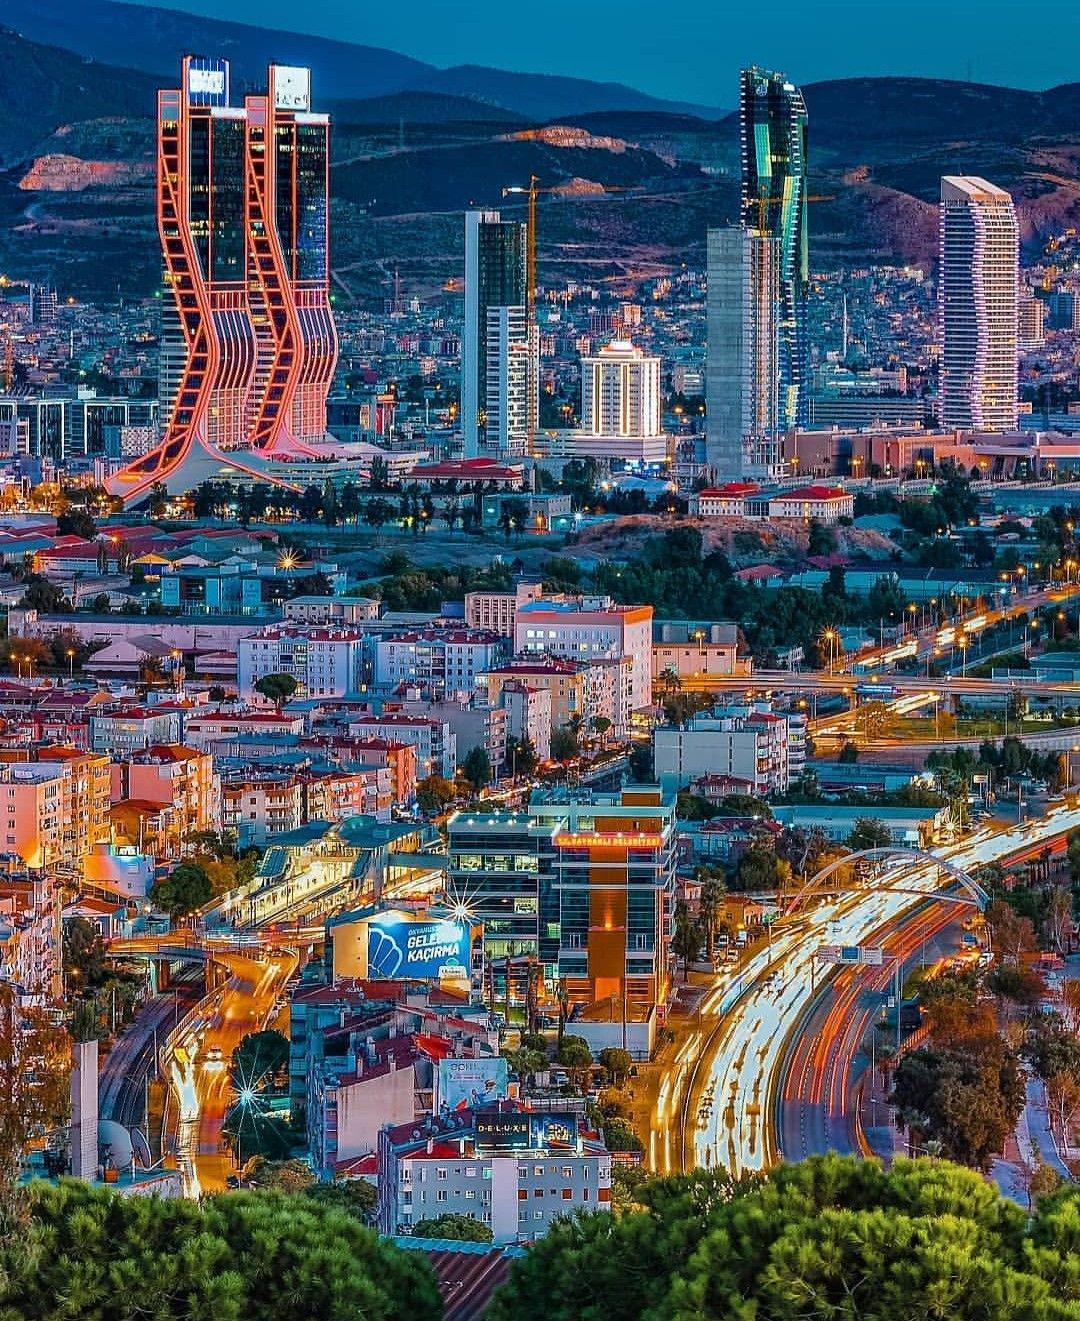 Bayraklı İzmir   Şehir, Fotoğraf çekimi, Fotoğraf